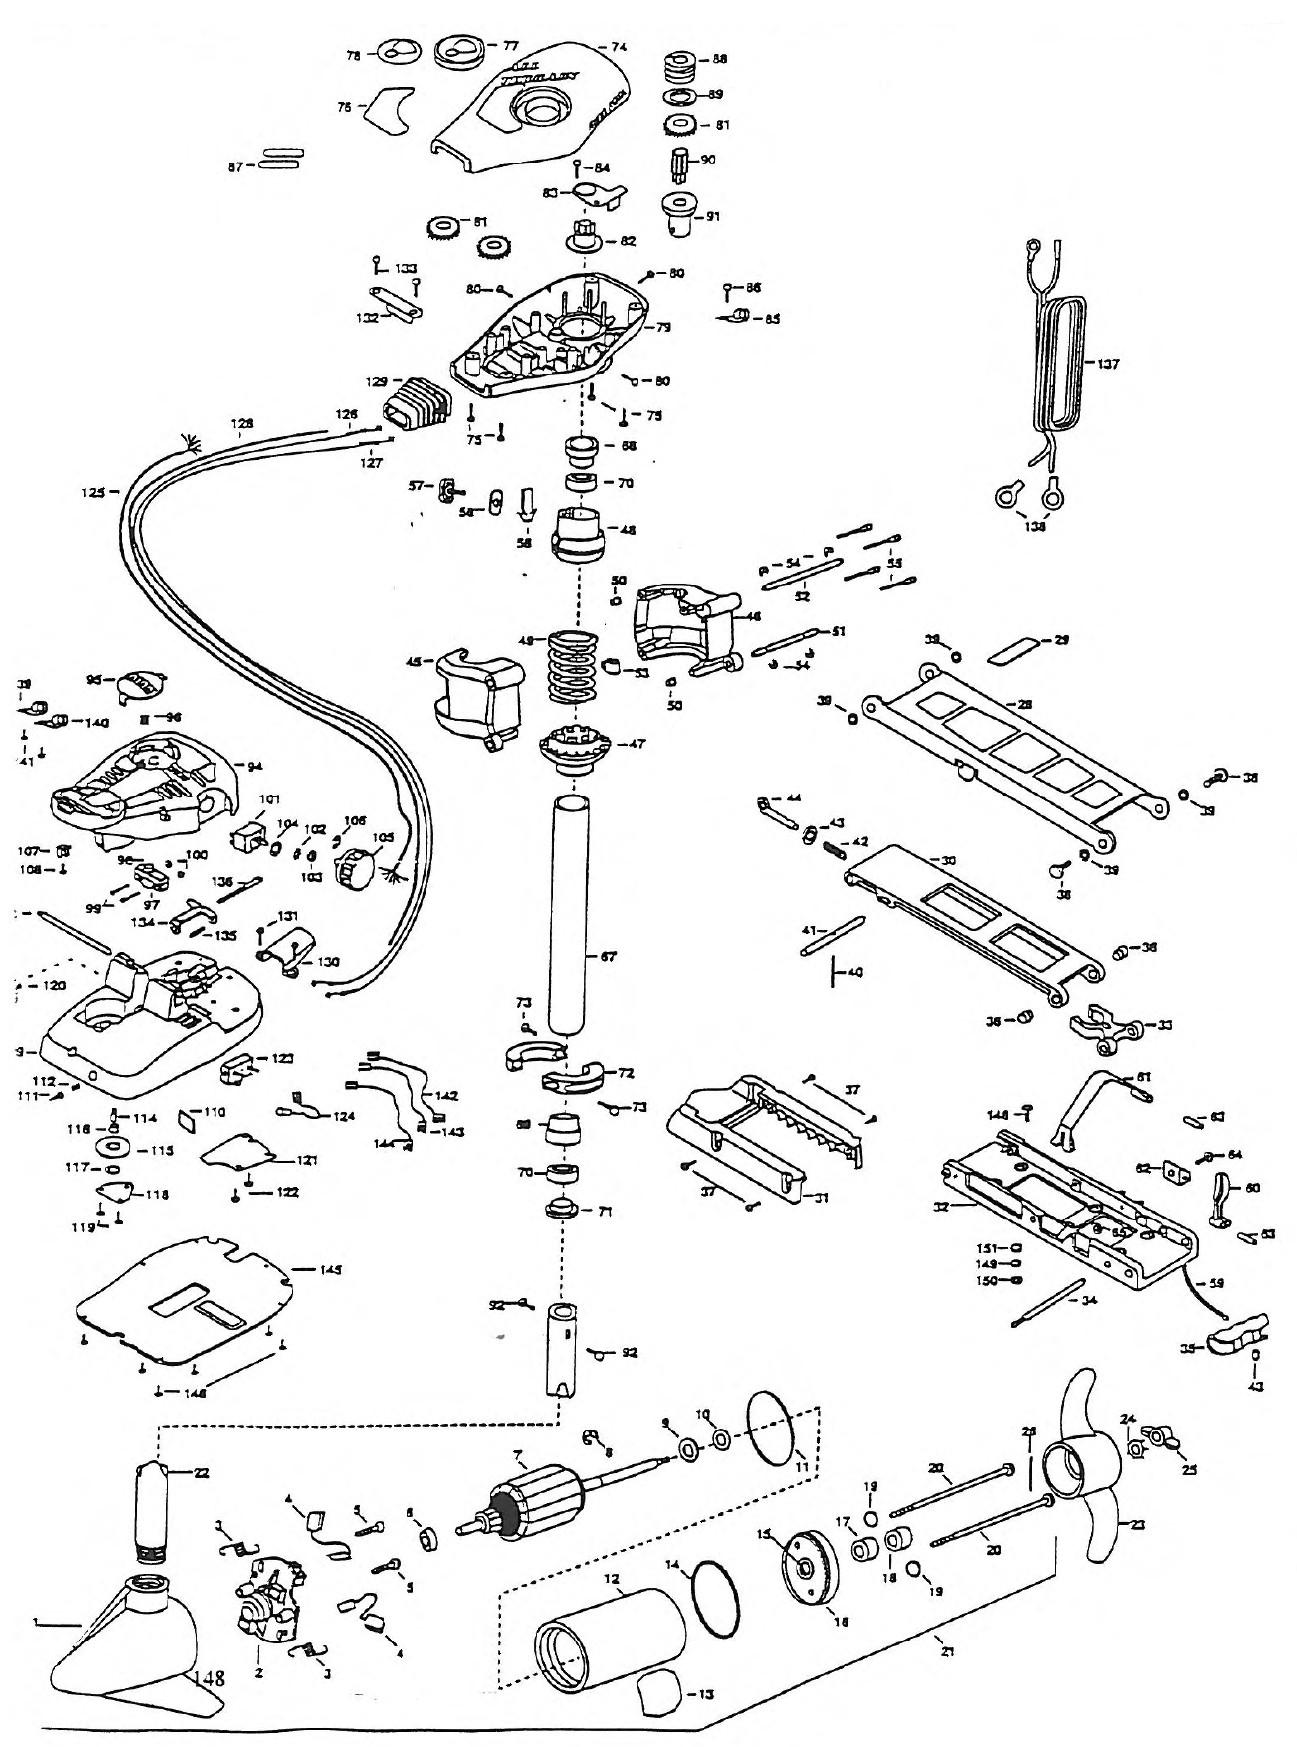 minn kota schematics trusted wiring diagrams u2022 rh xerospace co minn kota endura max 40 user manual minn kota endura manual wwa12780749